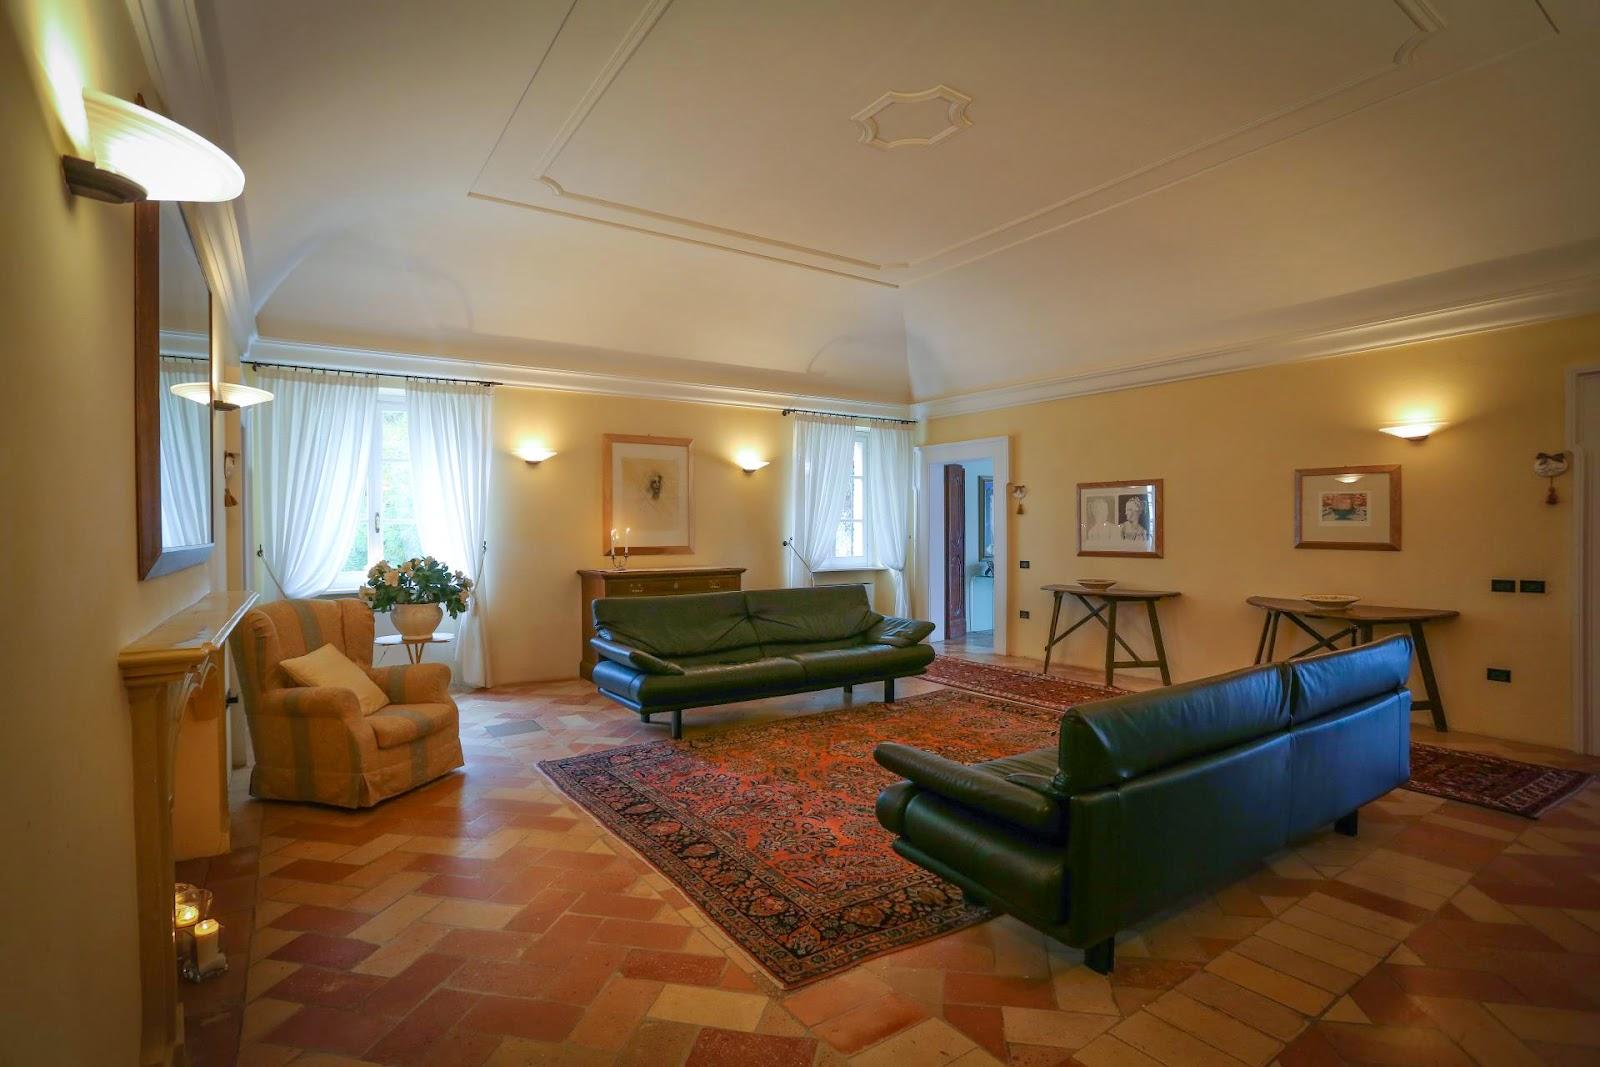 Ferienhaus Villa Montemaggiore (934885), Colli del Tronto, Ascoli Piceno, Marken, Italien, Bild 17